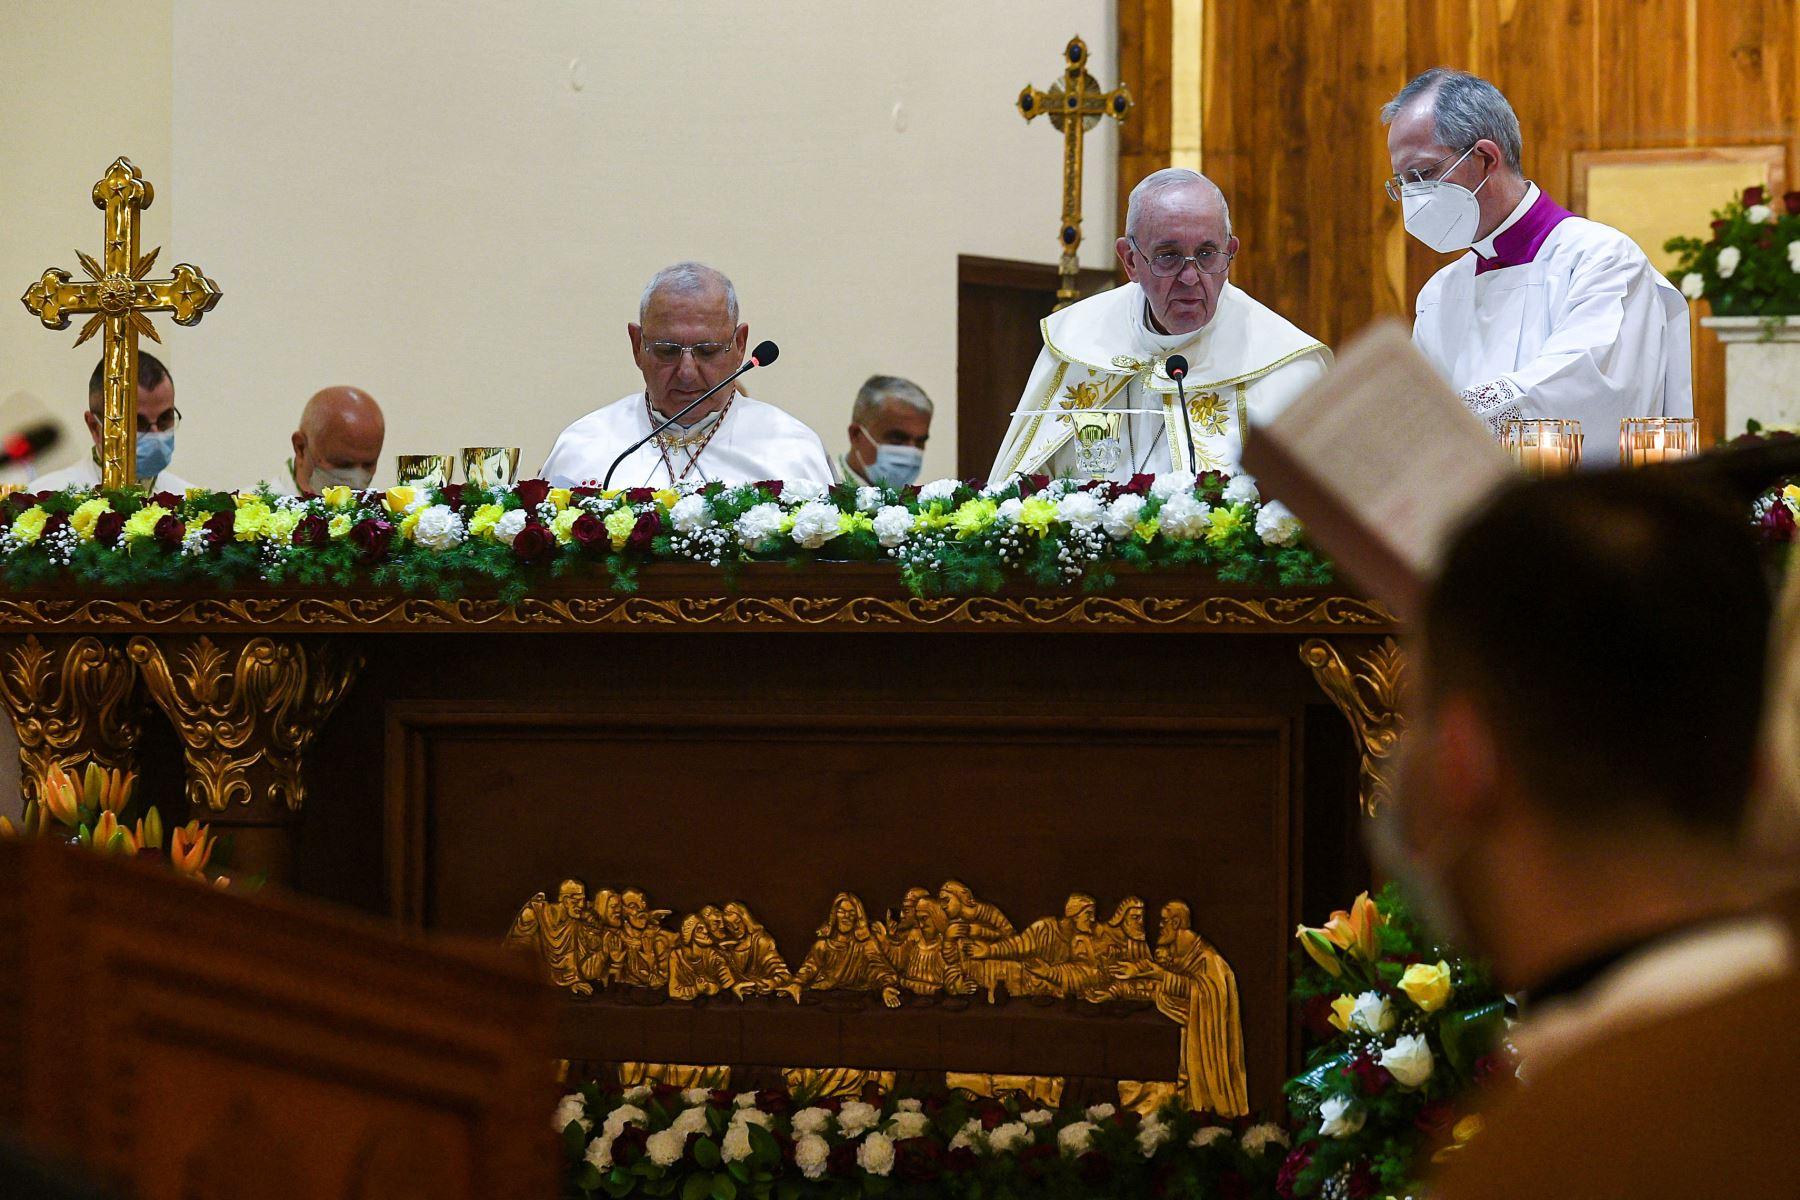 El Papa Francisco , acompañado por el Cardenal Louis Raphael I Sako , Patriarca de Babilonia de los Caldeos y jefe de la Iglesia Católica Caldea, preparando eucaristía durante la misa, en el 2do de visita en Irak. Foto: AFP